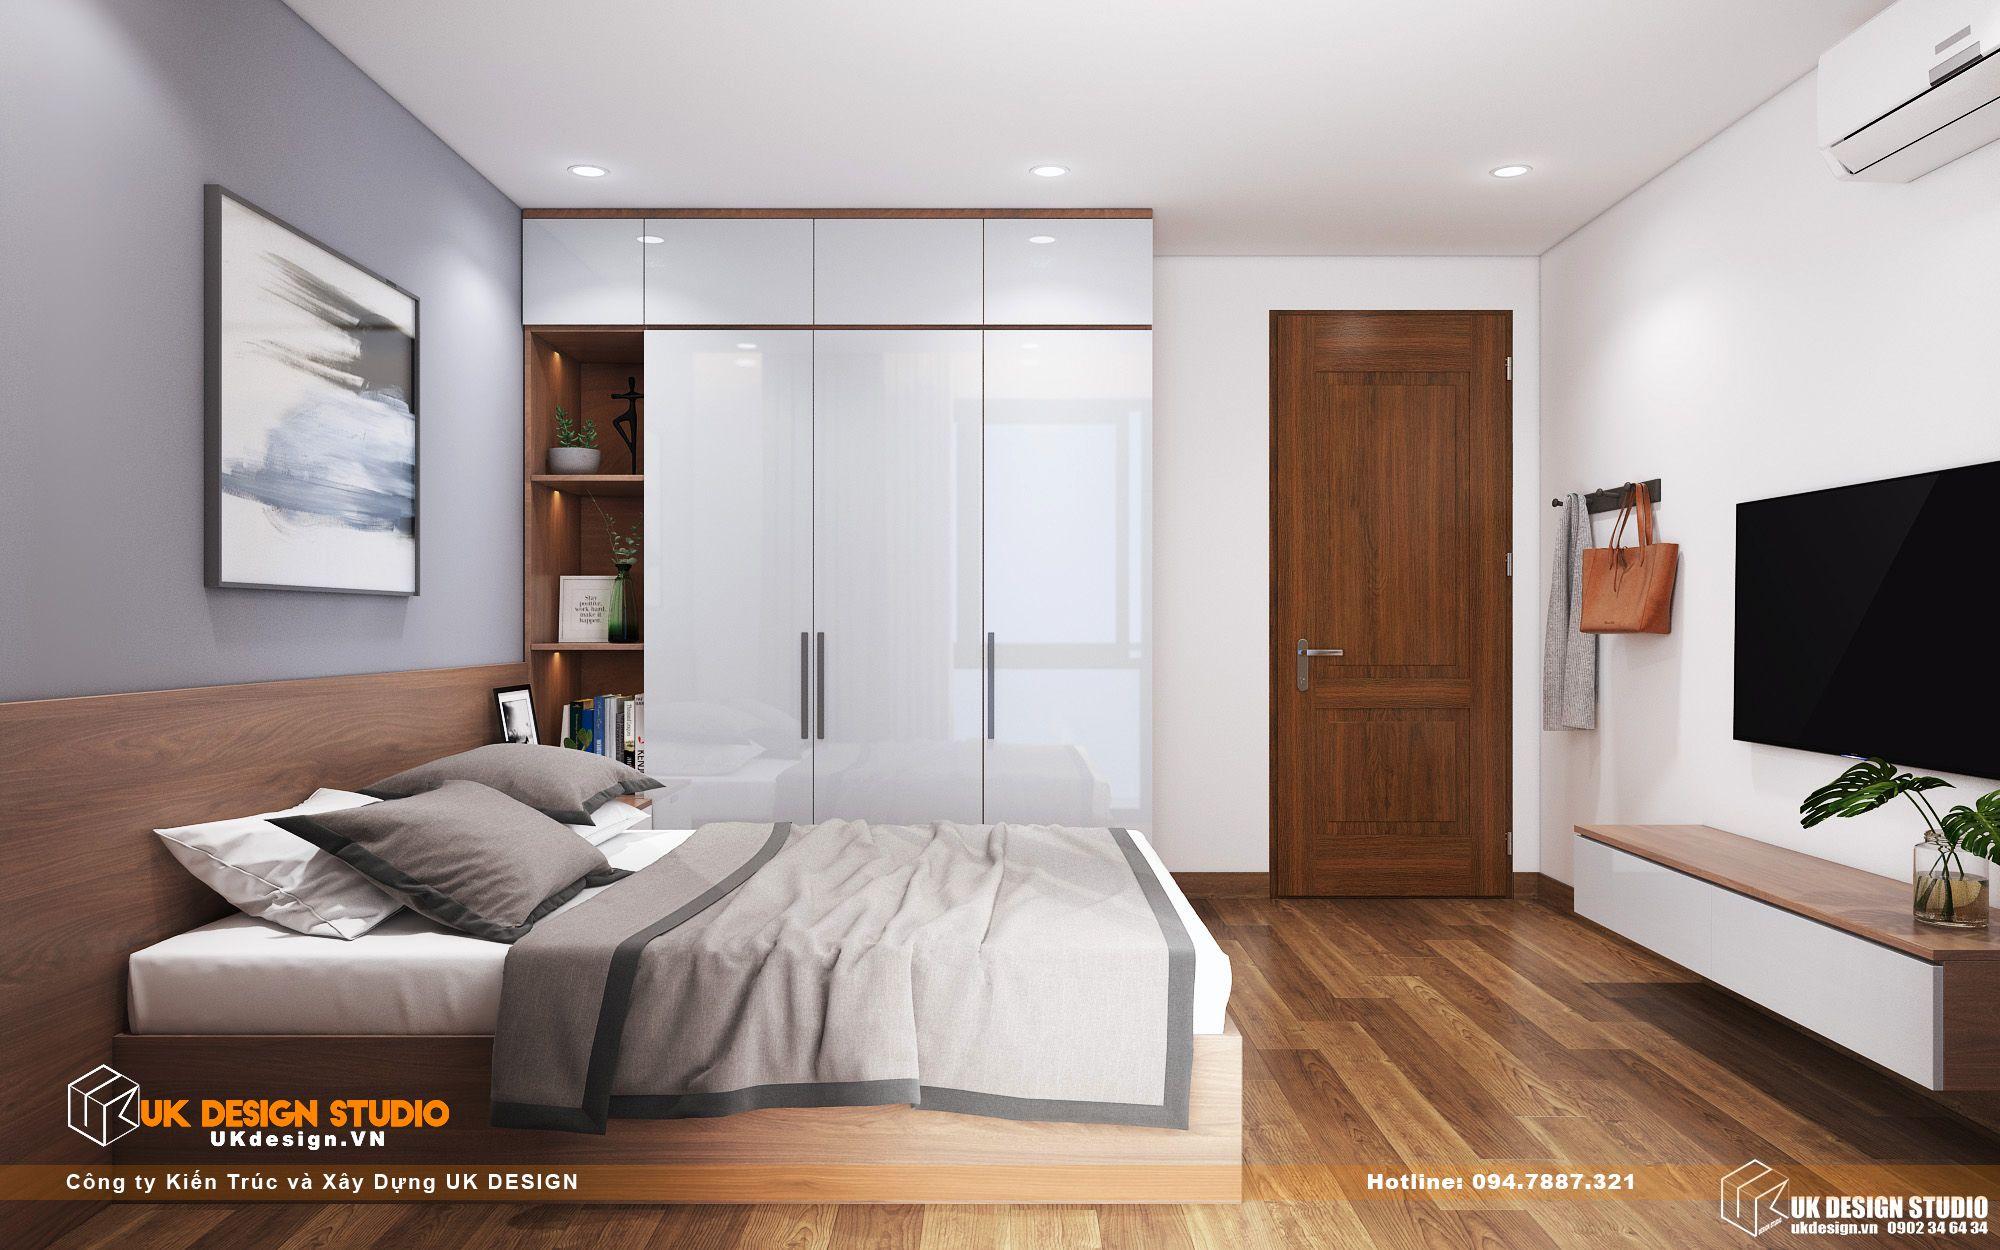 Thiết kế nội thất biệt thự nhà đẹp 3 tầng ở Quận 8 - phòng gia nhan 12